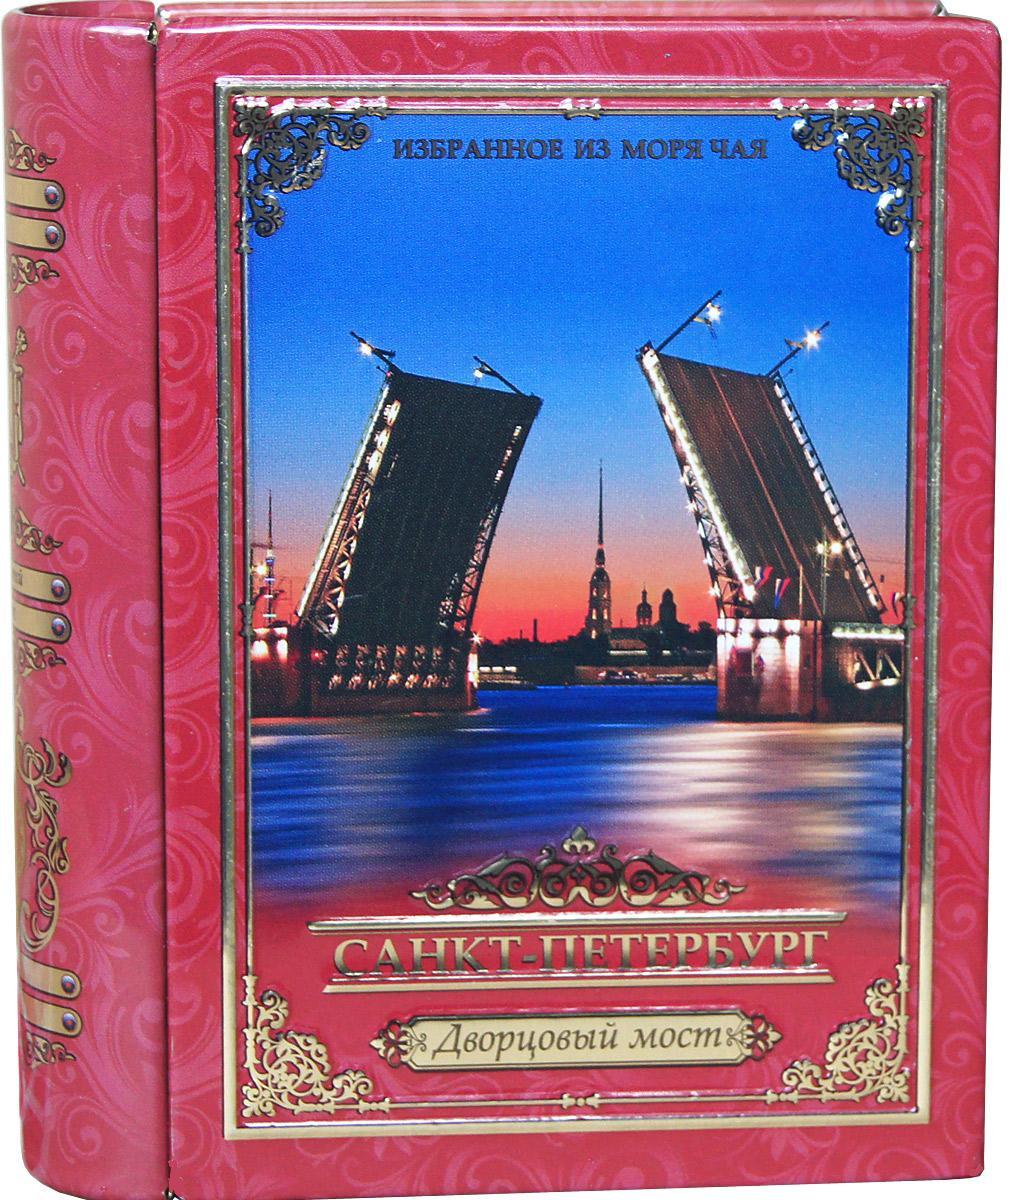 Избранное из моря чая Книги о Петербурге. Дворцовый мост чай черный листовой, 30 г4792219611684Листья среднего размера, ломанные, хорошо скрученные. Чем более мелкие части листа используются в чае, тем меньше в нем аромата, но зато такой чай быстрее заваривается, дает более крепкий настой. Этот чай упакован в пачки из фольги в Шри-Ланке сразу после сбора урожая, в период созревания чая, когда он наполнен полезными веществами и эфирными маслами.Знак в виде Льва с 17 пятнышками на шкуре - это гарантия Бюро Цейлонского Чая на соответствие чая высокому стандарту качества, установленному Правительством и упакованному только в пределах Шри-Ланки. Чай упакован в коробку, которая стилизована под книгу и выполнена из жести с элементами конгрева, а также покрыта глянцевым лаком.